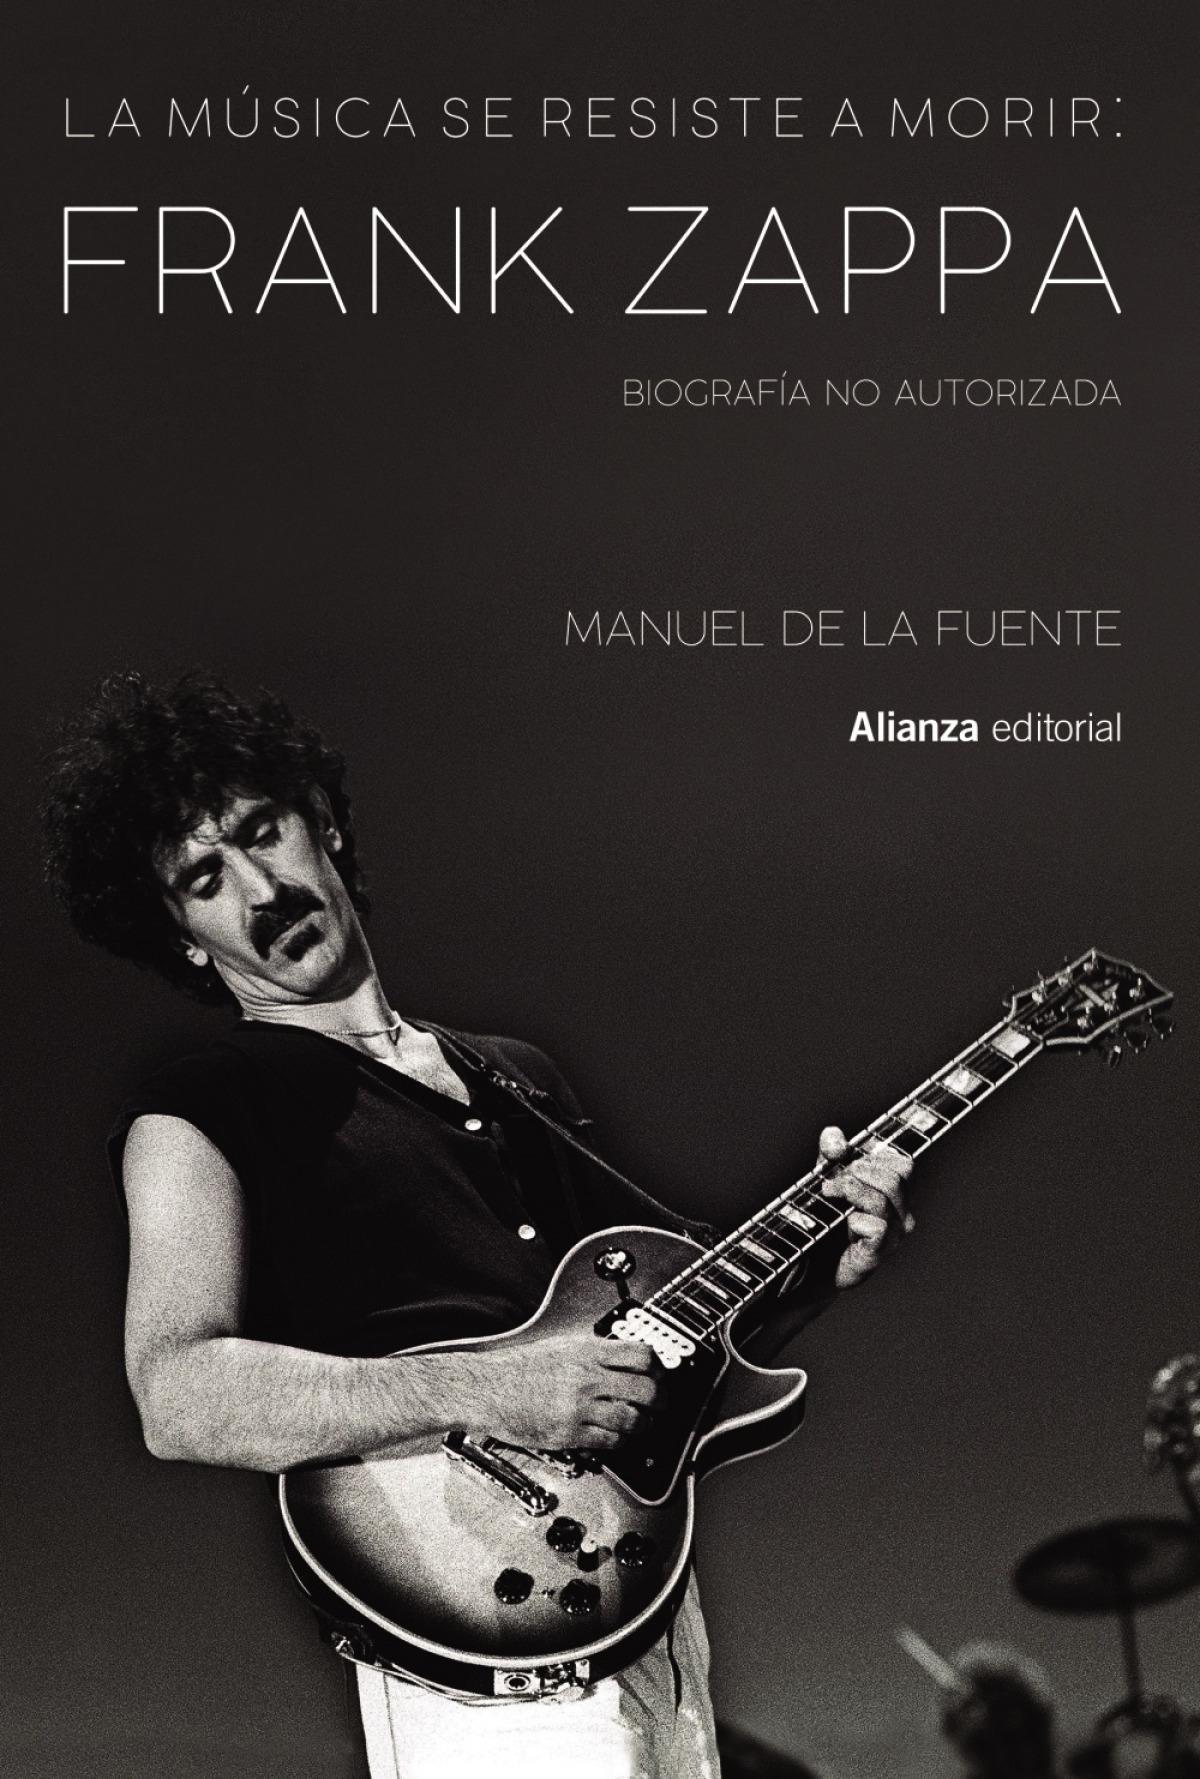 La música se resiste a morir: Frank Zappa. Biografía no autorizada